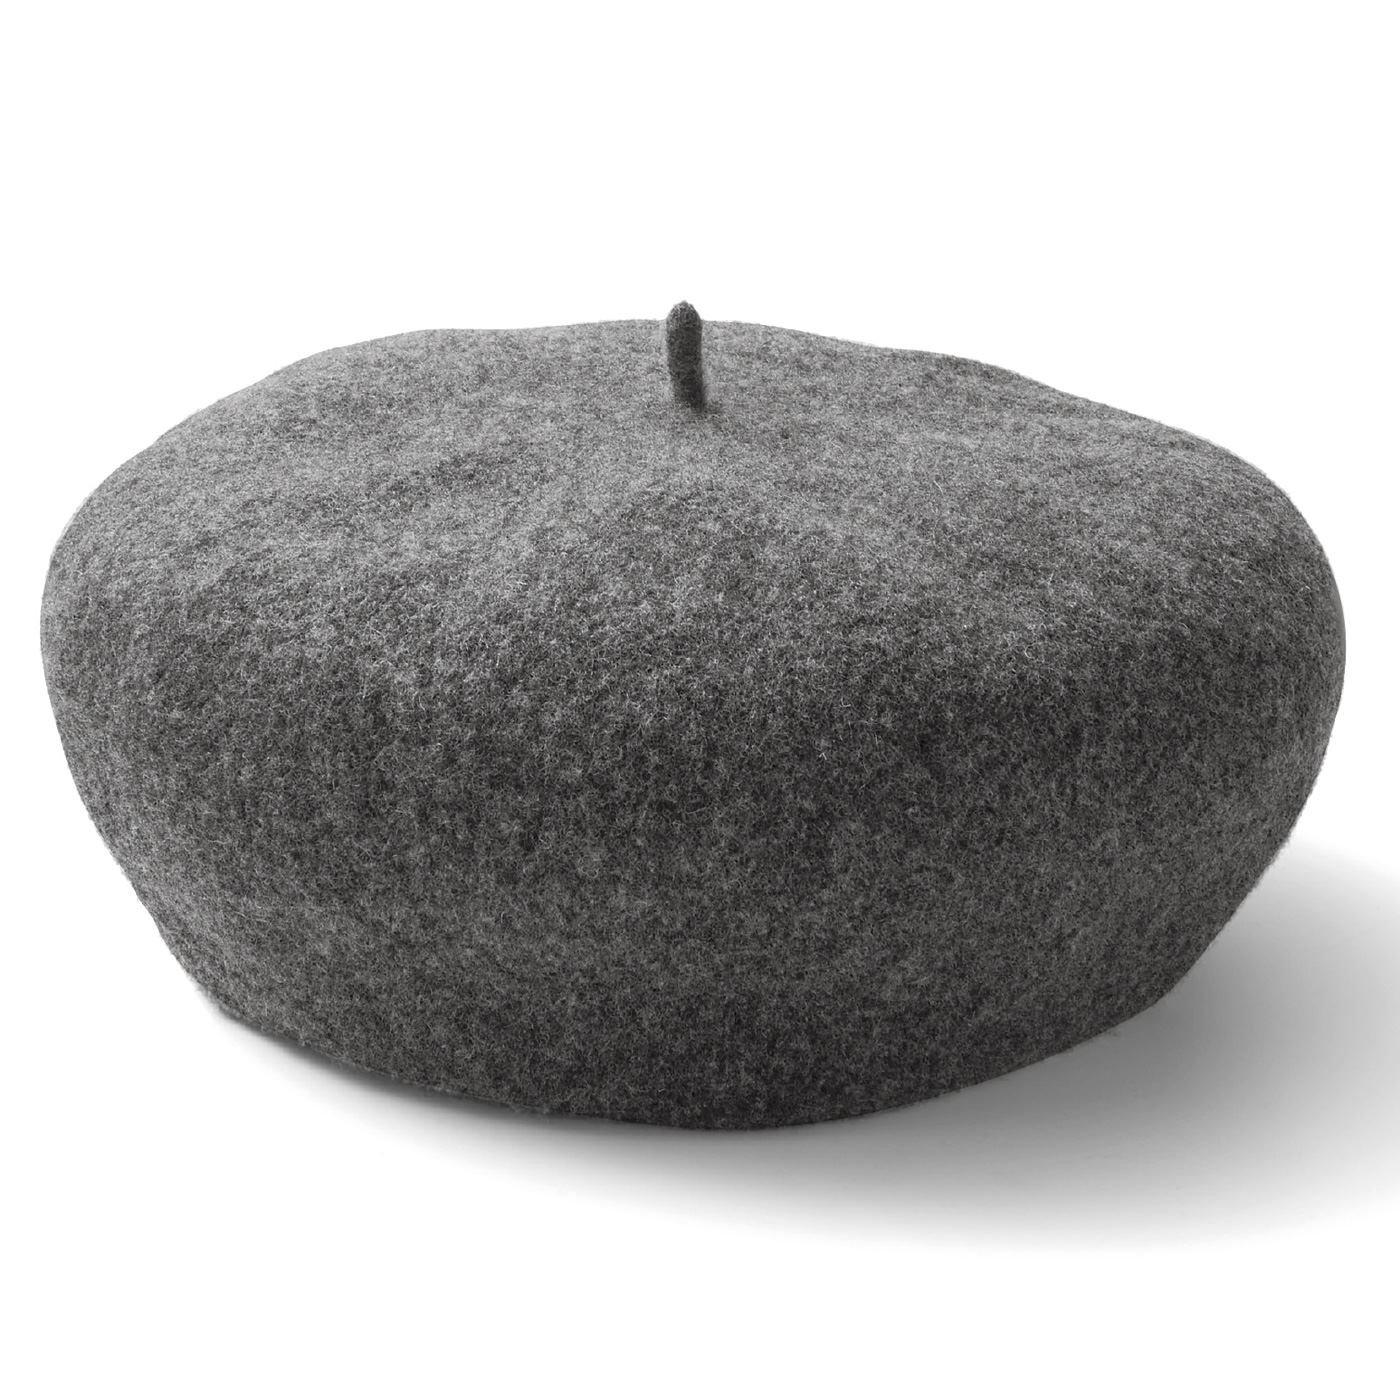 リブ イン コンフォート パッとかぶるだけで素敵に決まる ファーストベレー帽〈グレー〉